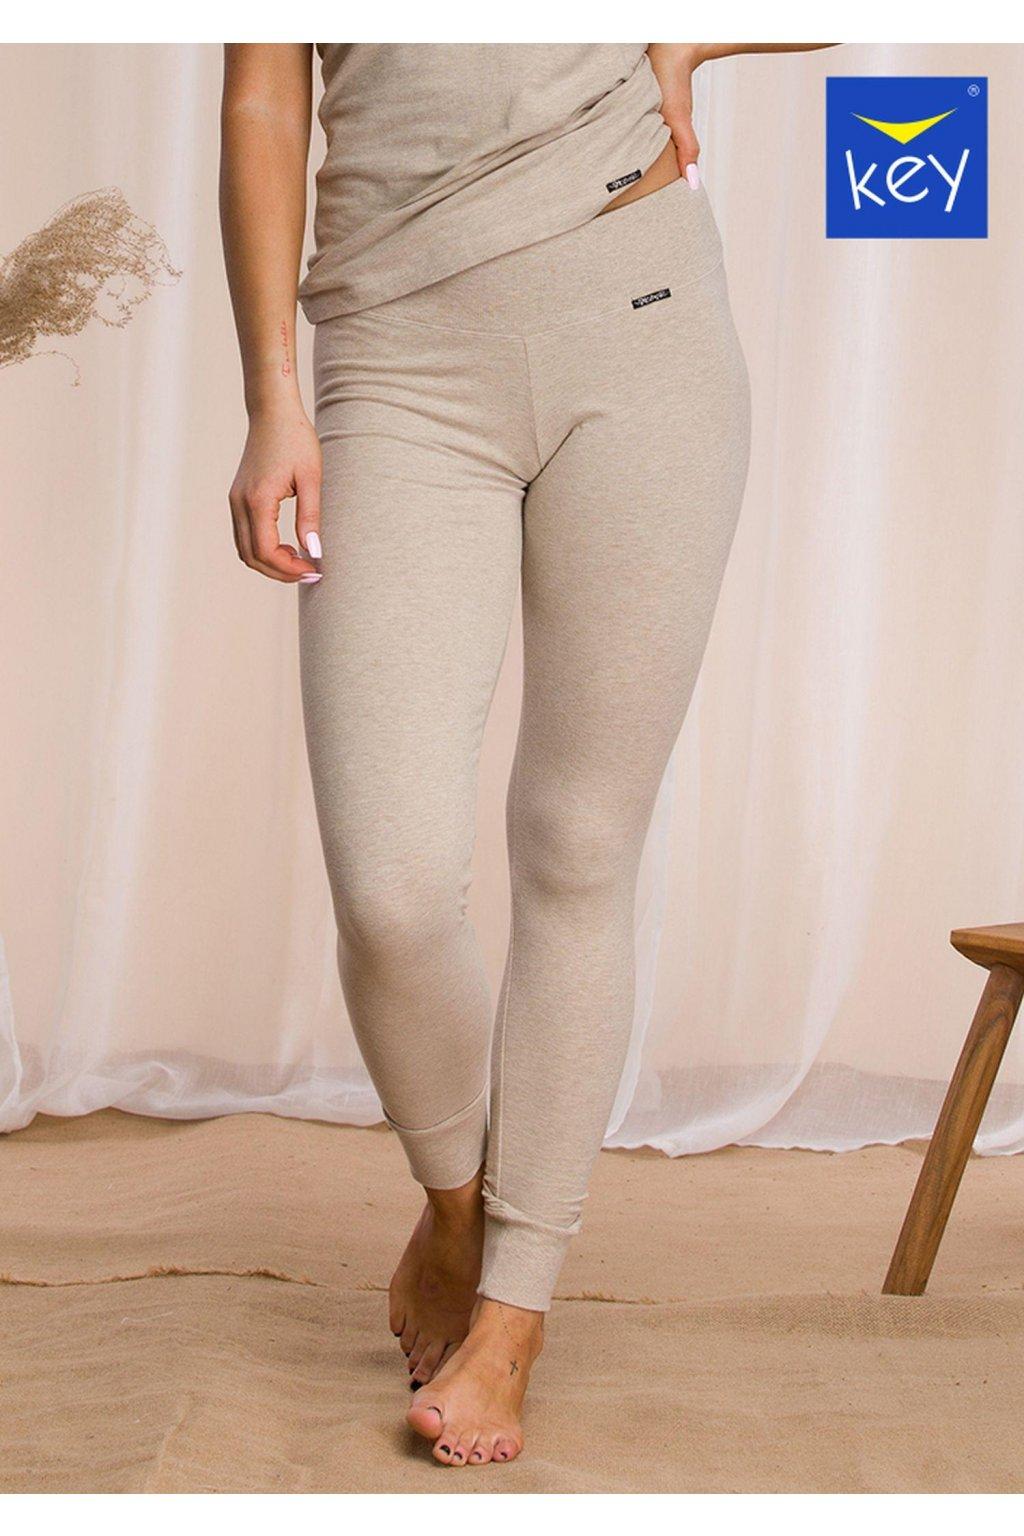 termiczne legginsy damskie z szerokim pasem hot touch lxl 729 3 1